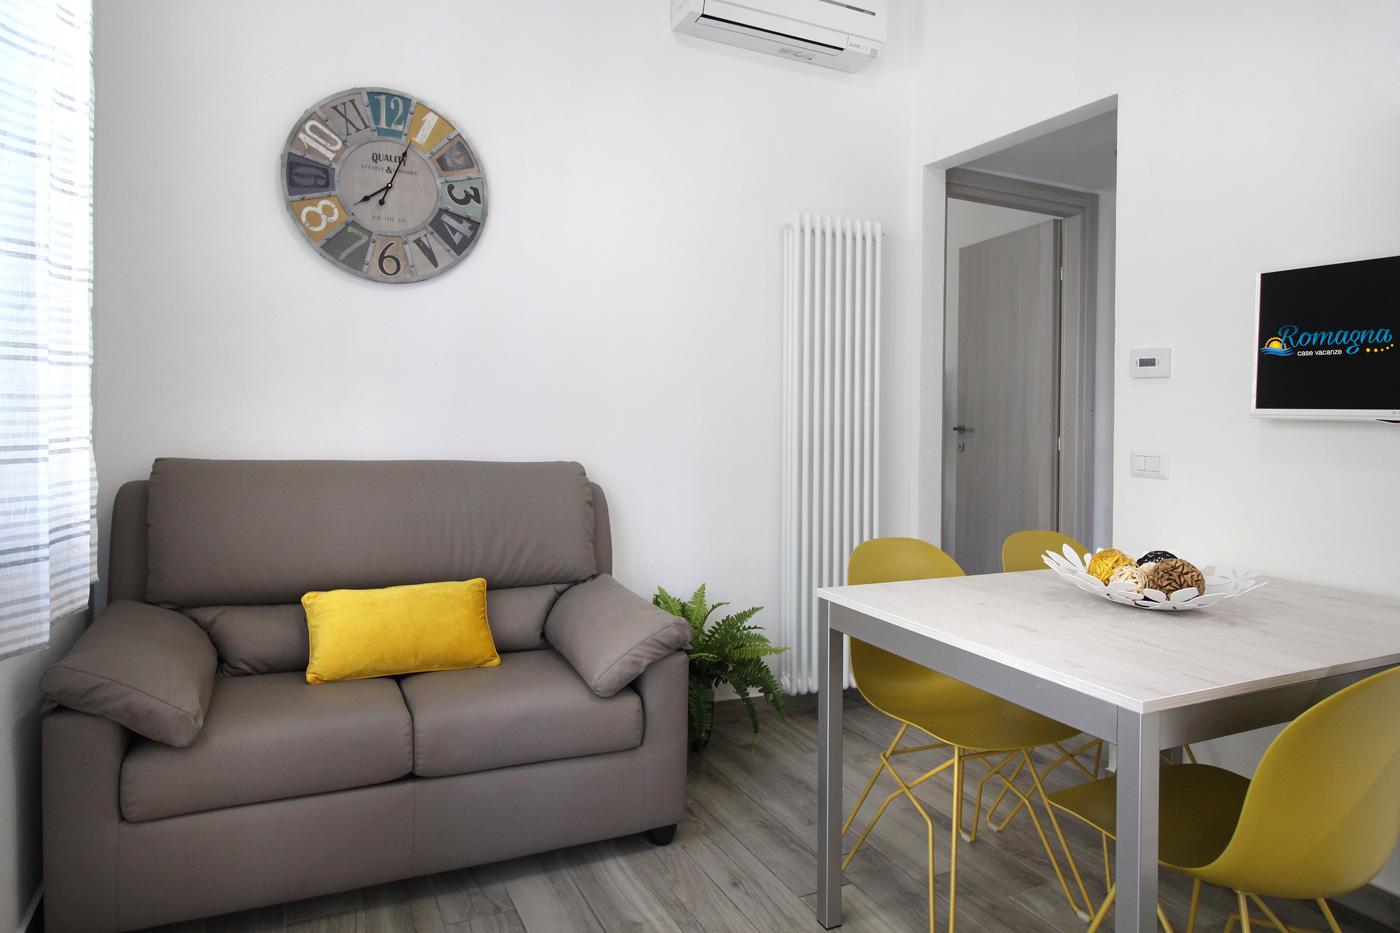 Appartamento thomas romagna case vacanze san mauro mare gatteo mare_8871_2